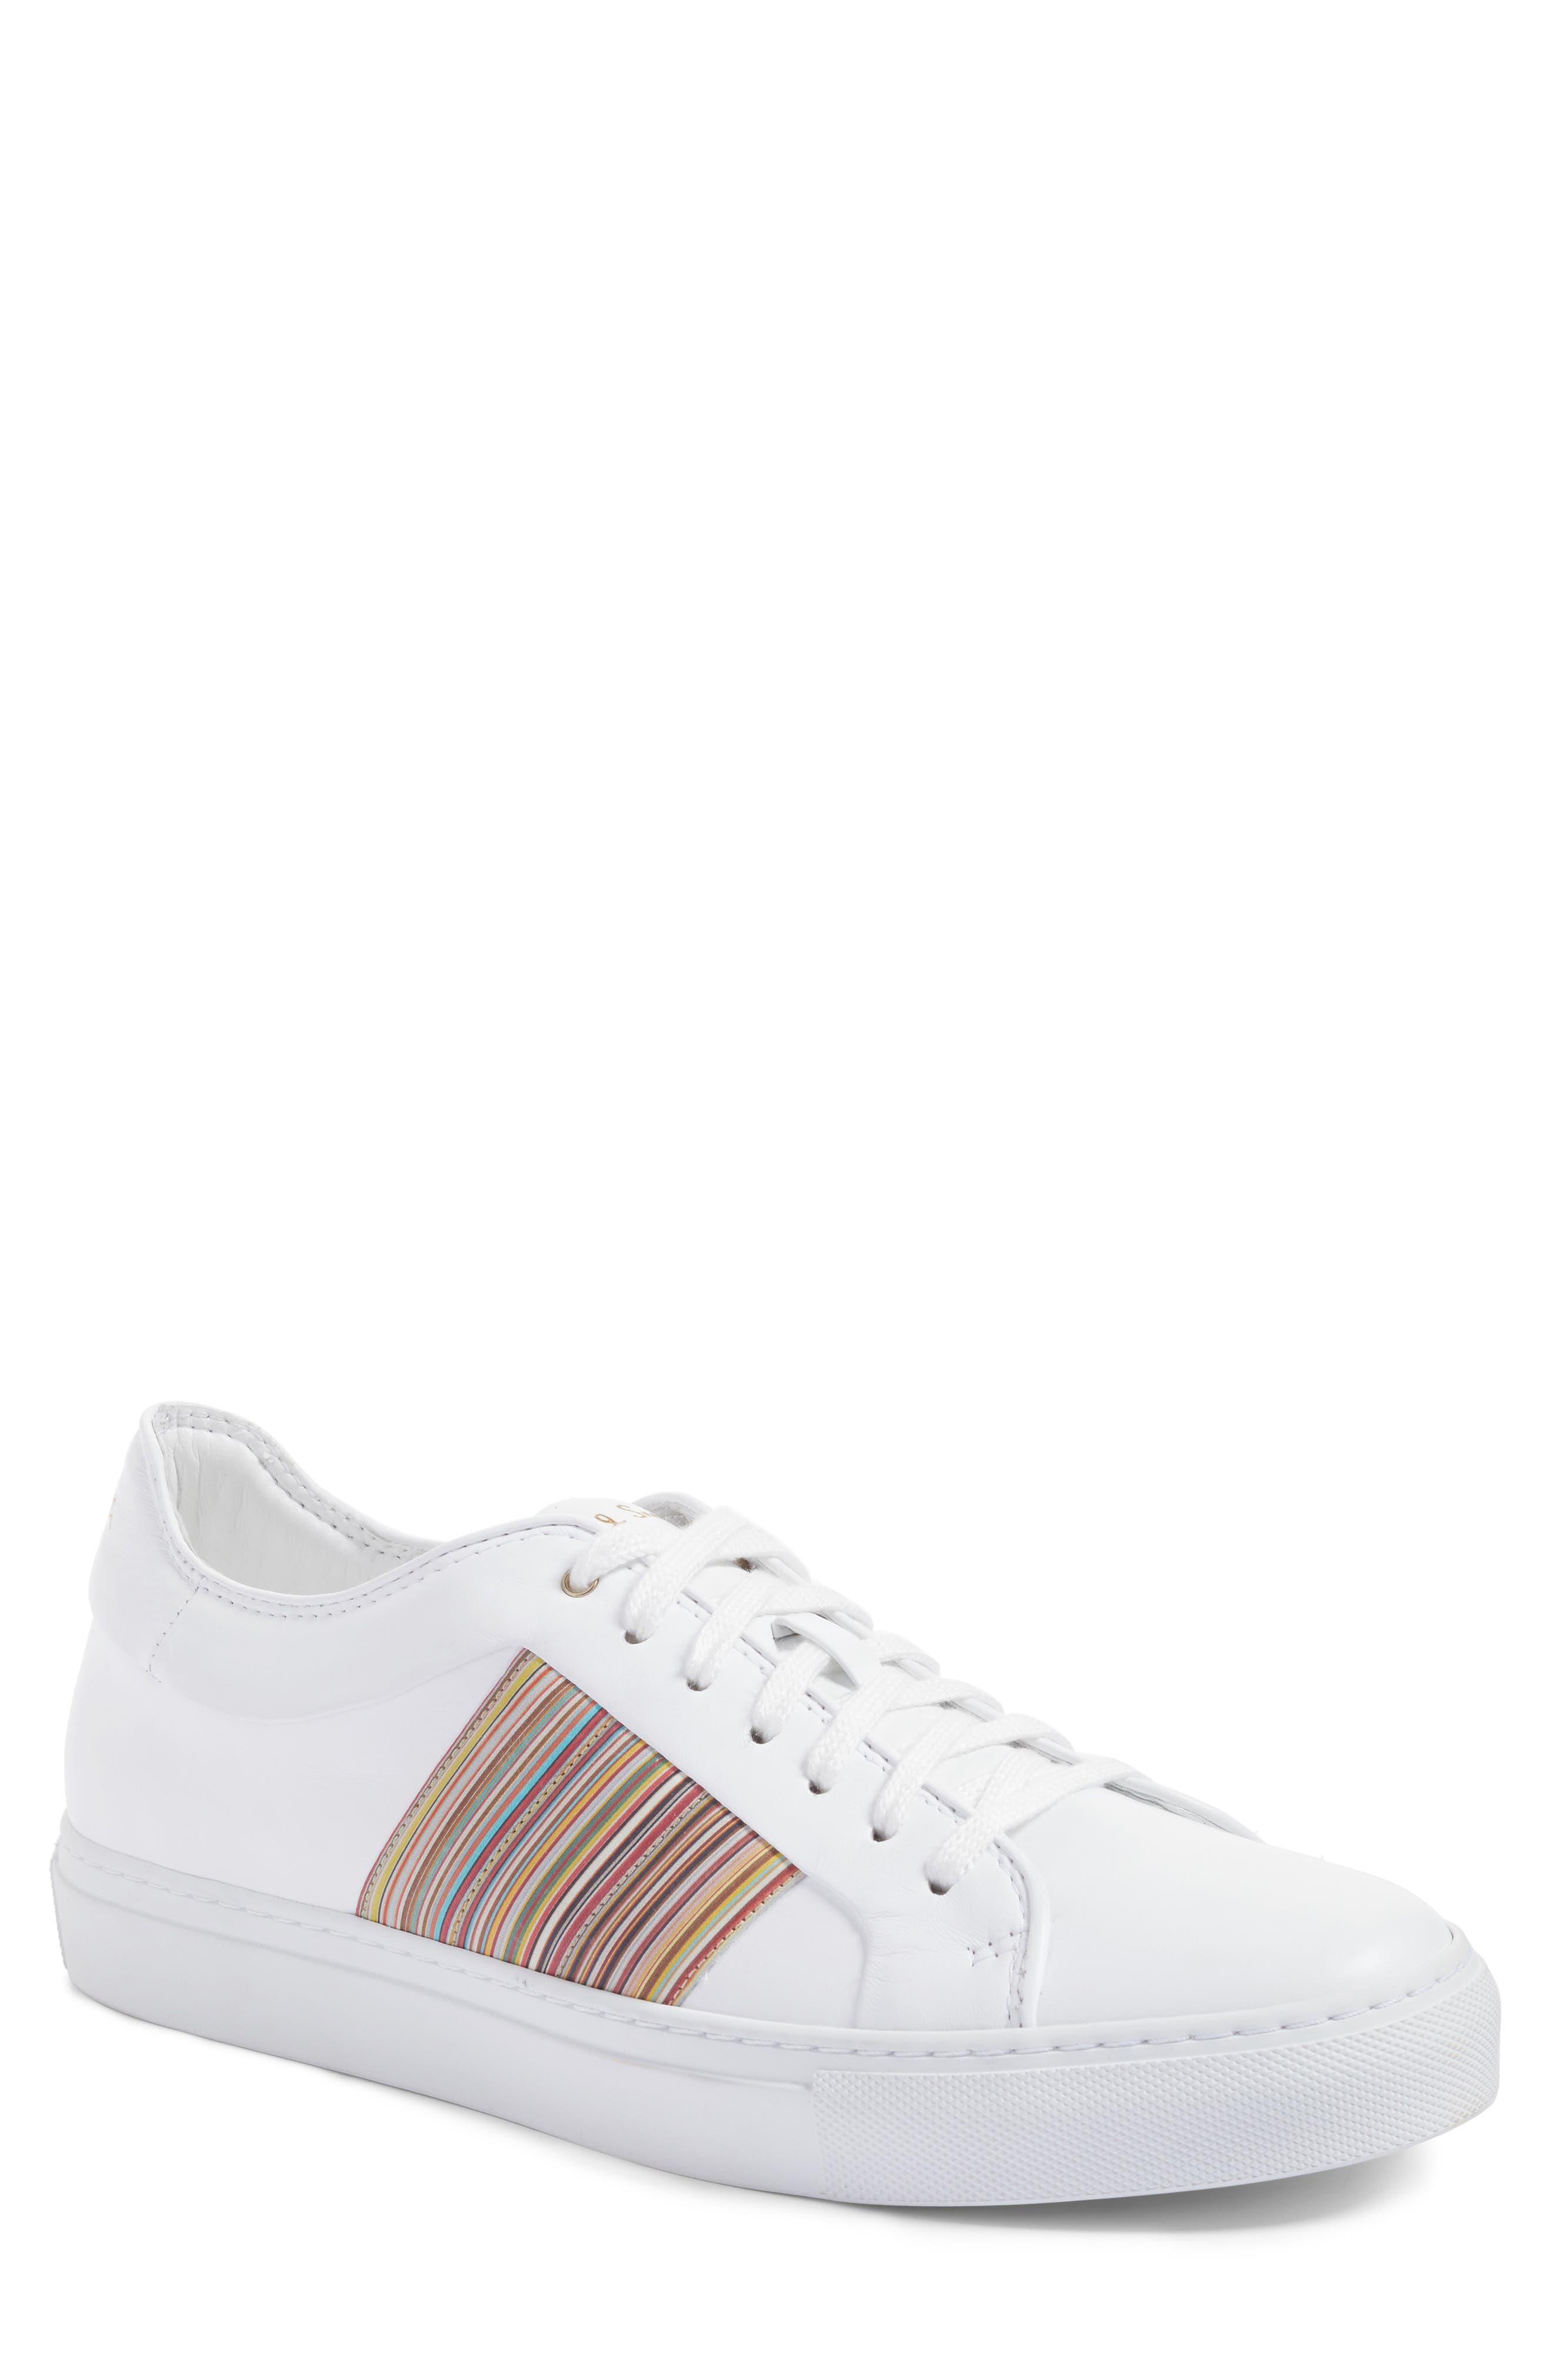 Ivo Sneaker,                         Main,                         color, 100